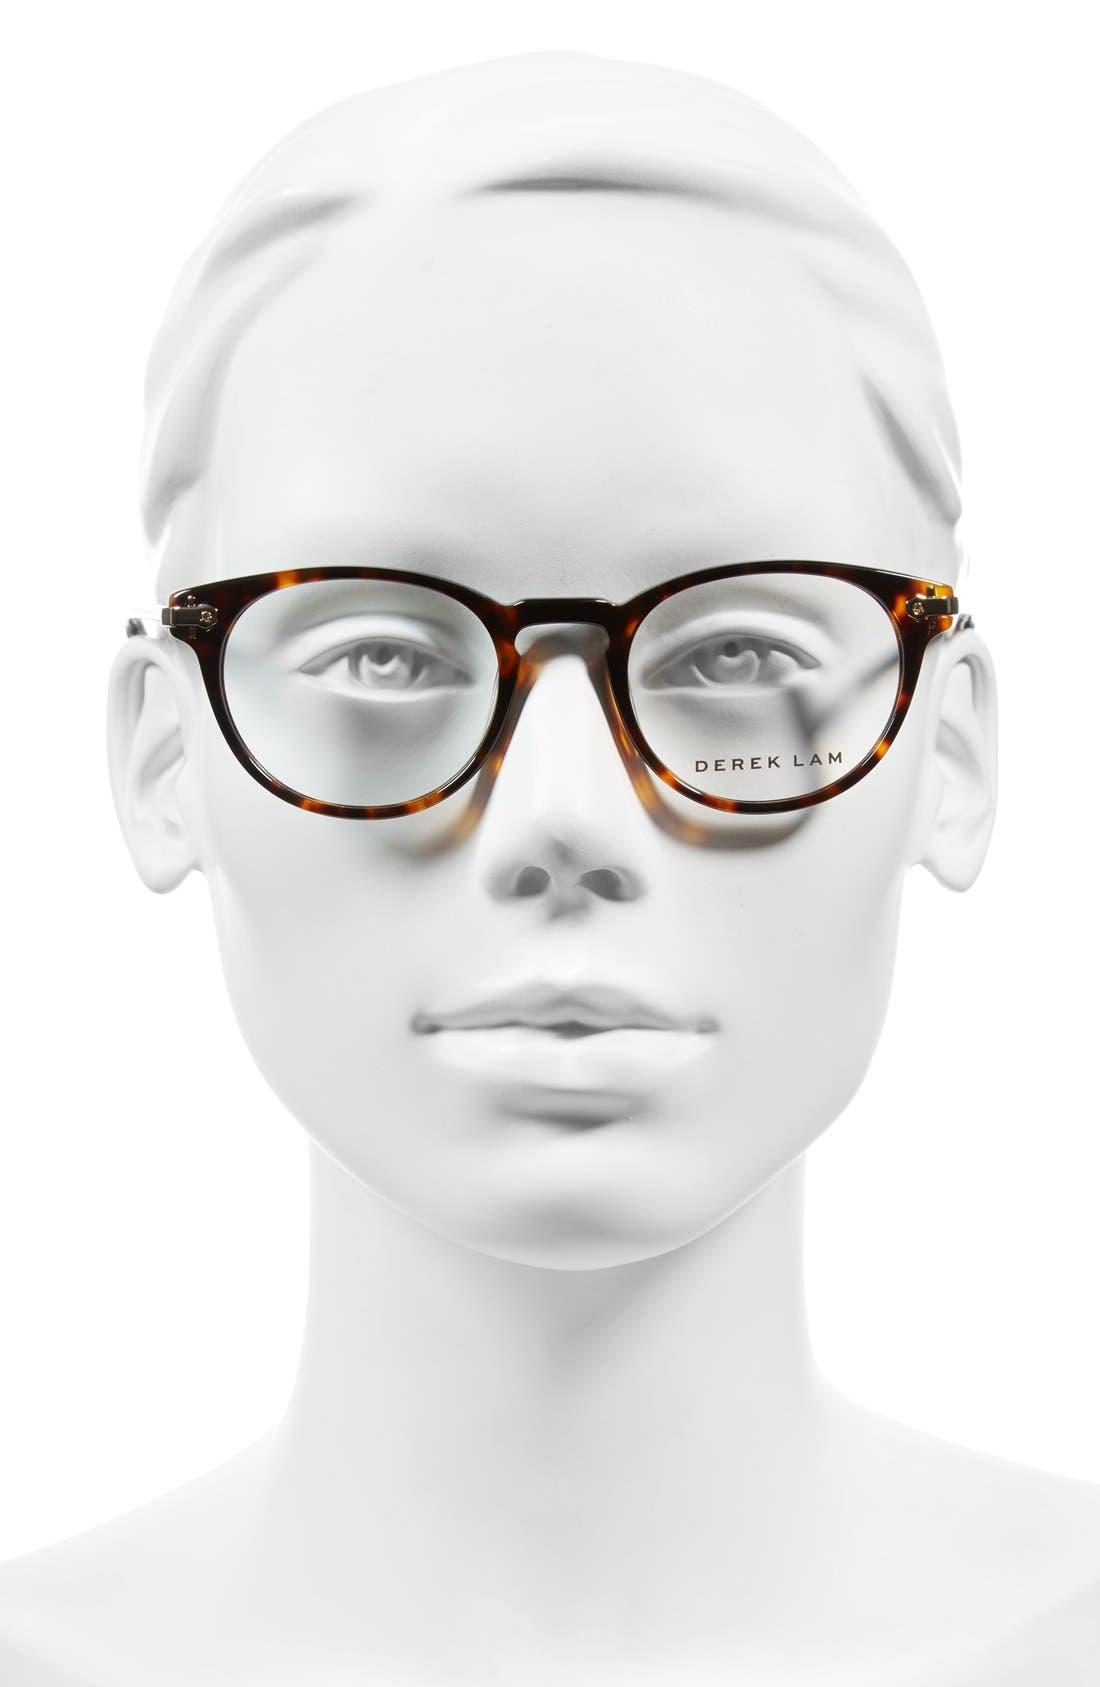 48mm Optical Glasses,                             Alternate thumbnail 2, color,                             Havana Tortoise